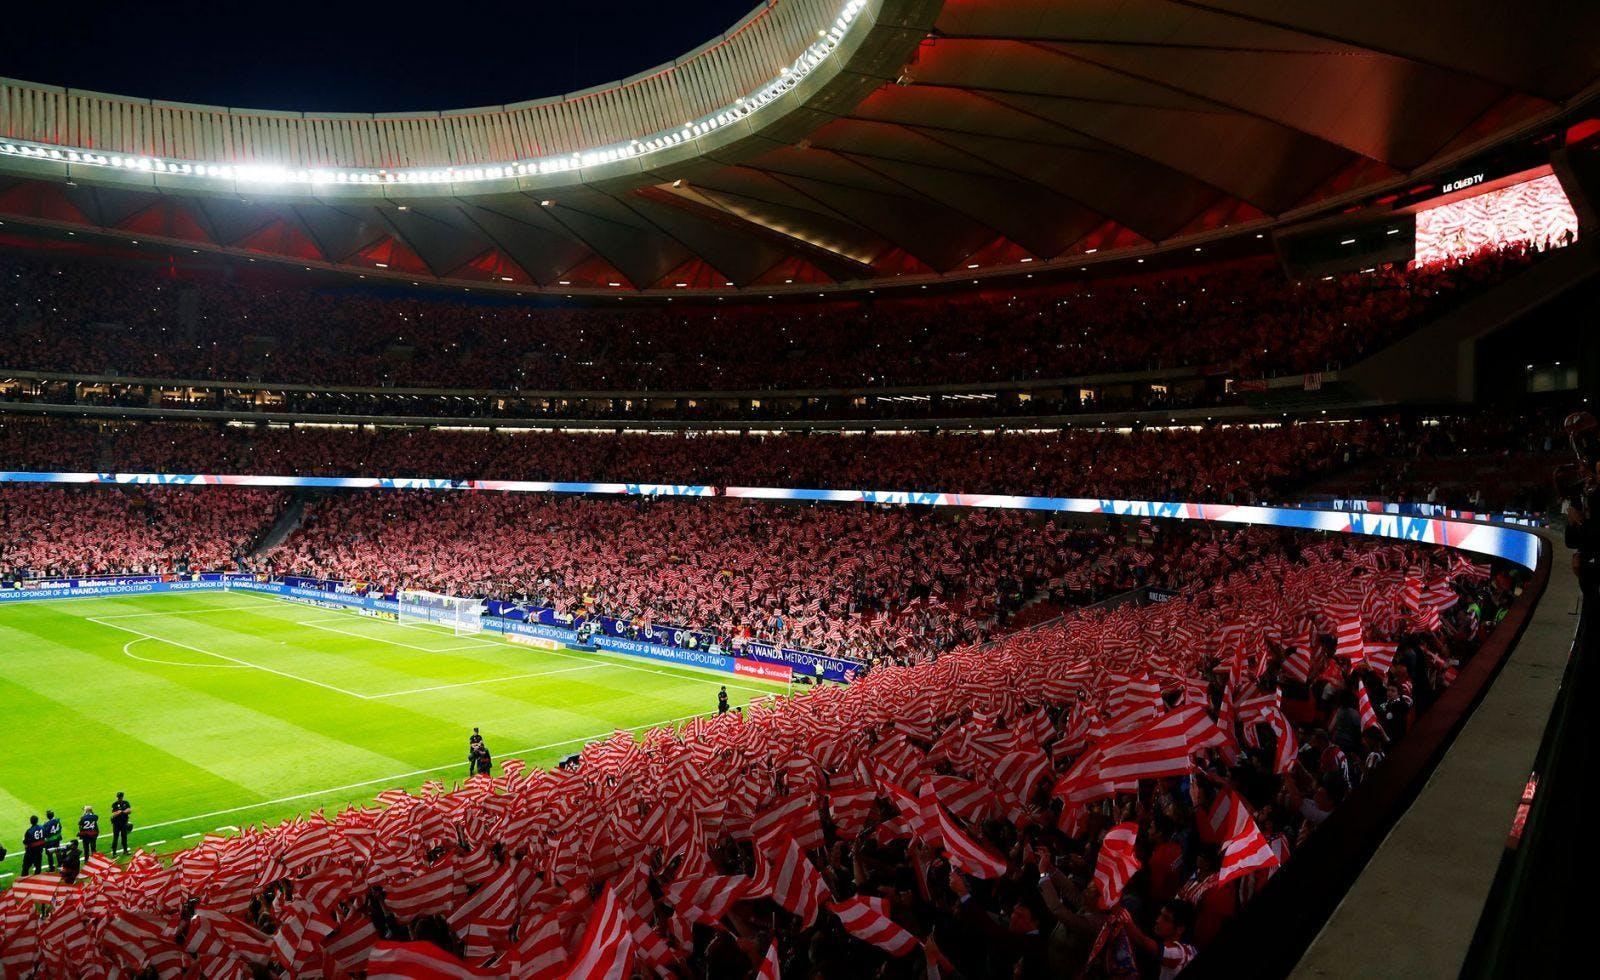 Club Atltico de Madrid v RCD Mallorca - VIP Hospitality Tickets